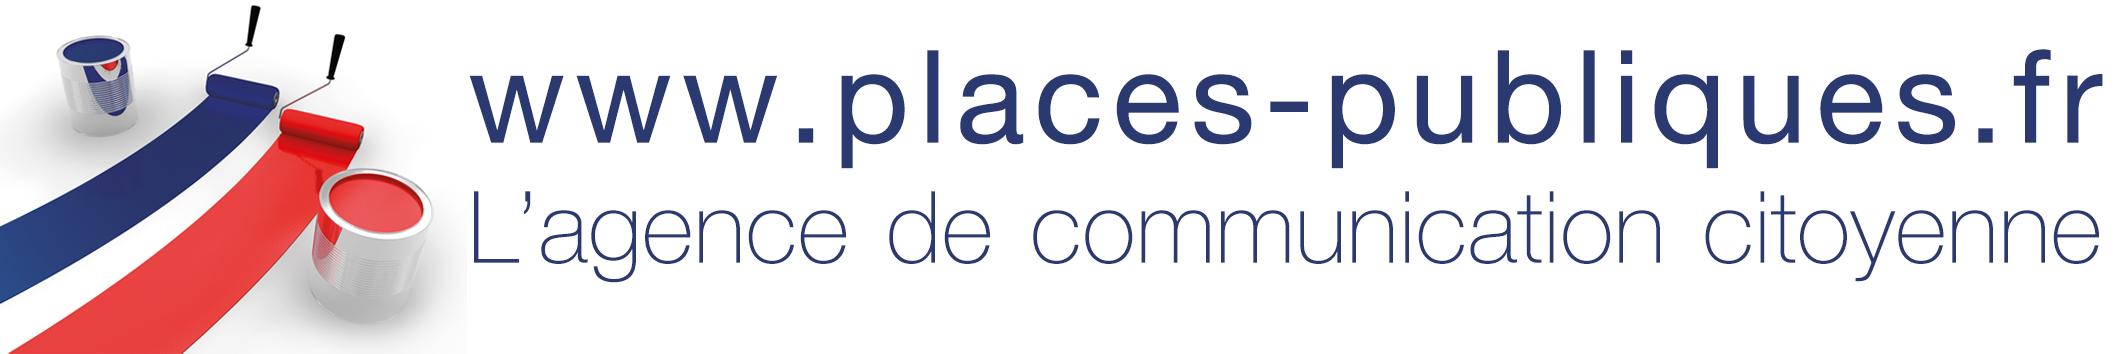 www.places-publiques.fr